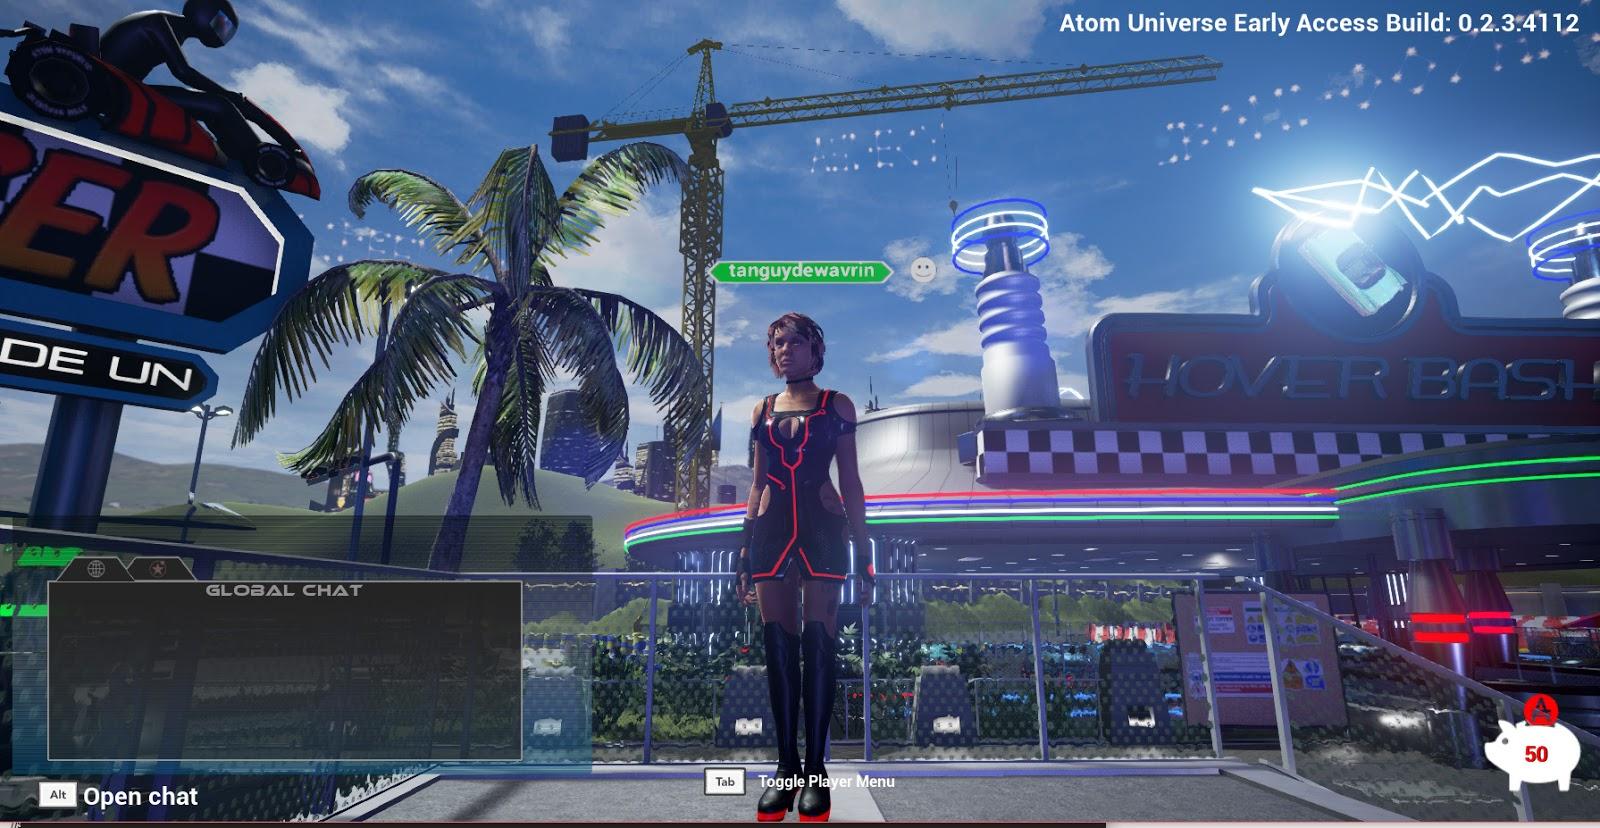 Novedades e Información en Atom Universe Crane